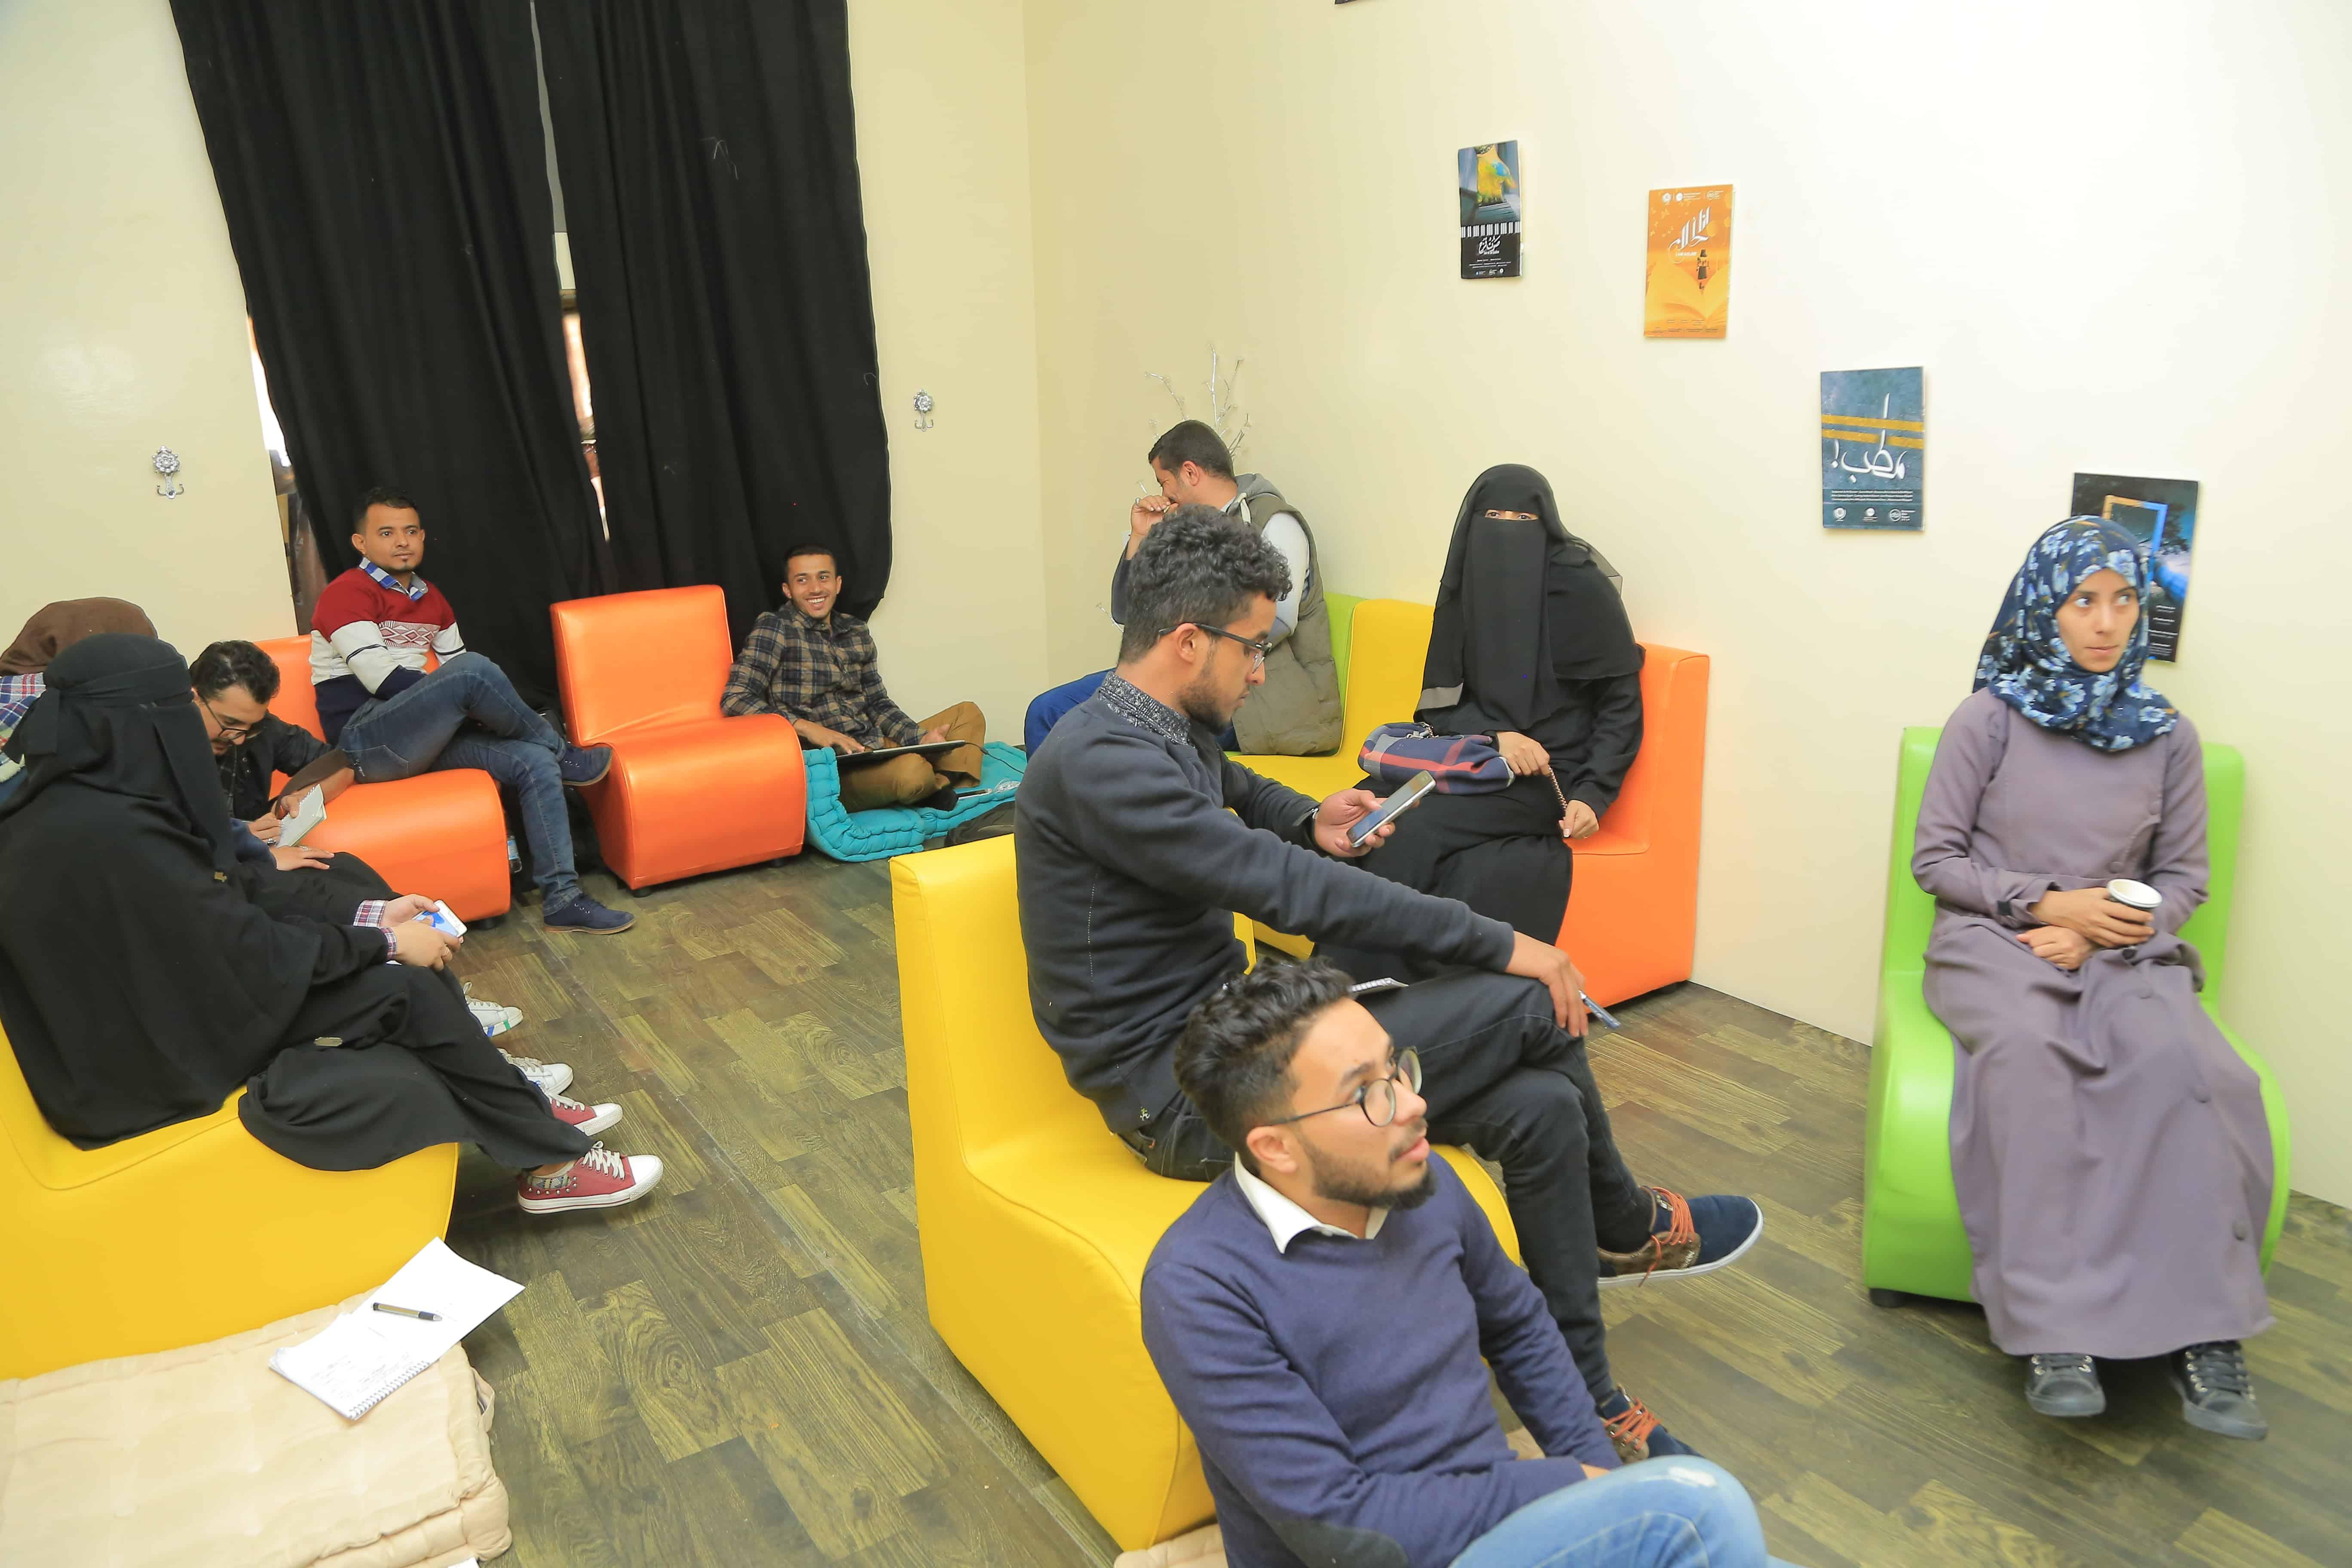 مشاركون من الجنسين في مخيم الأفلام في صنعاء